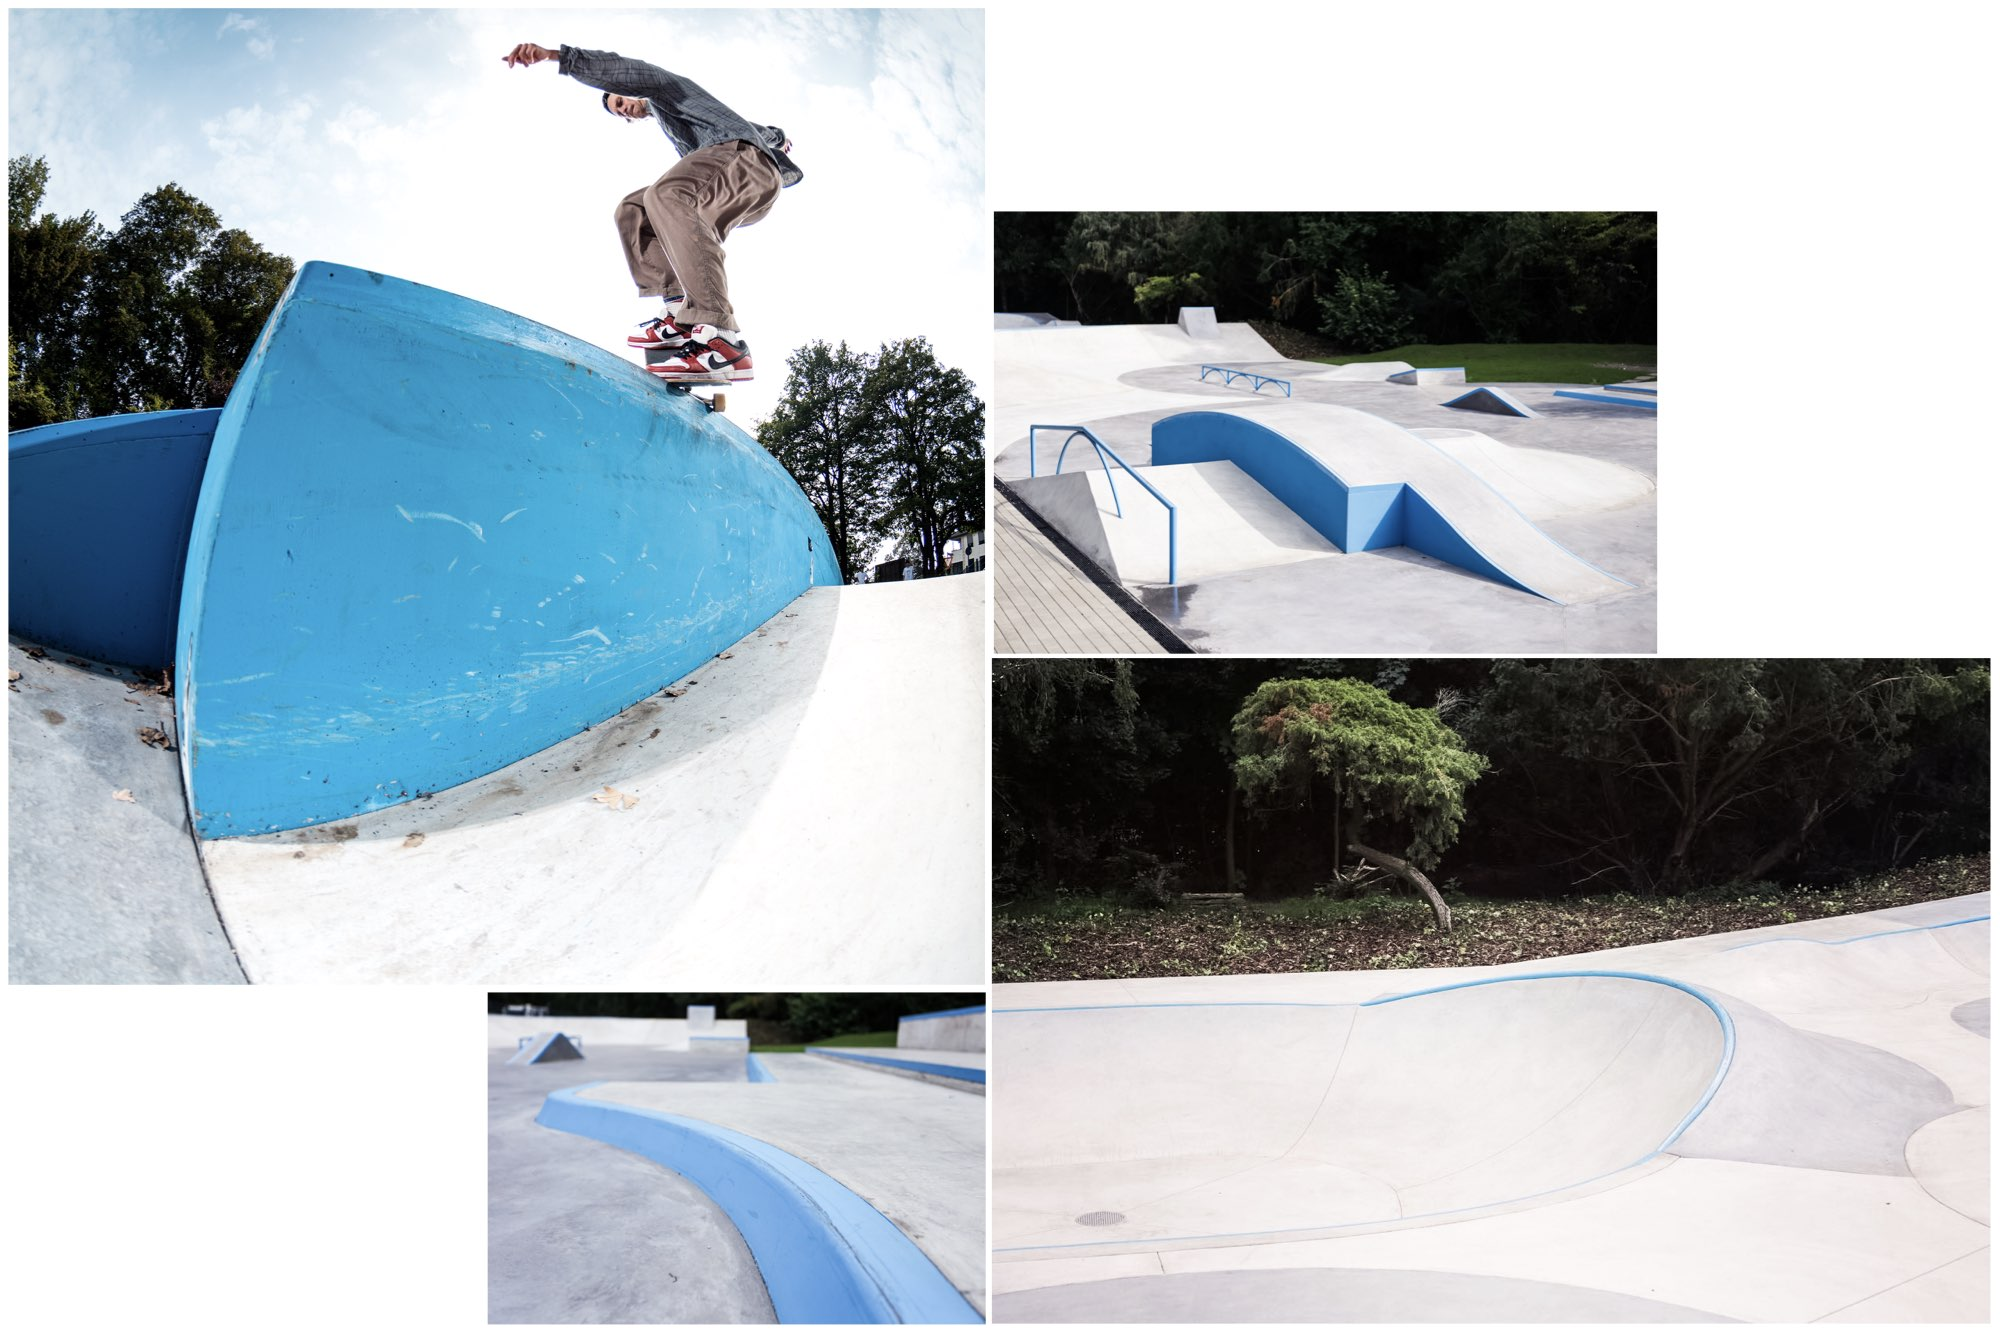 landskate_skatepark_planung_norbert_szombati_01